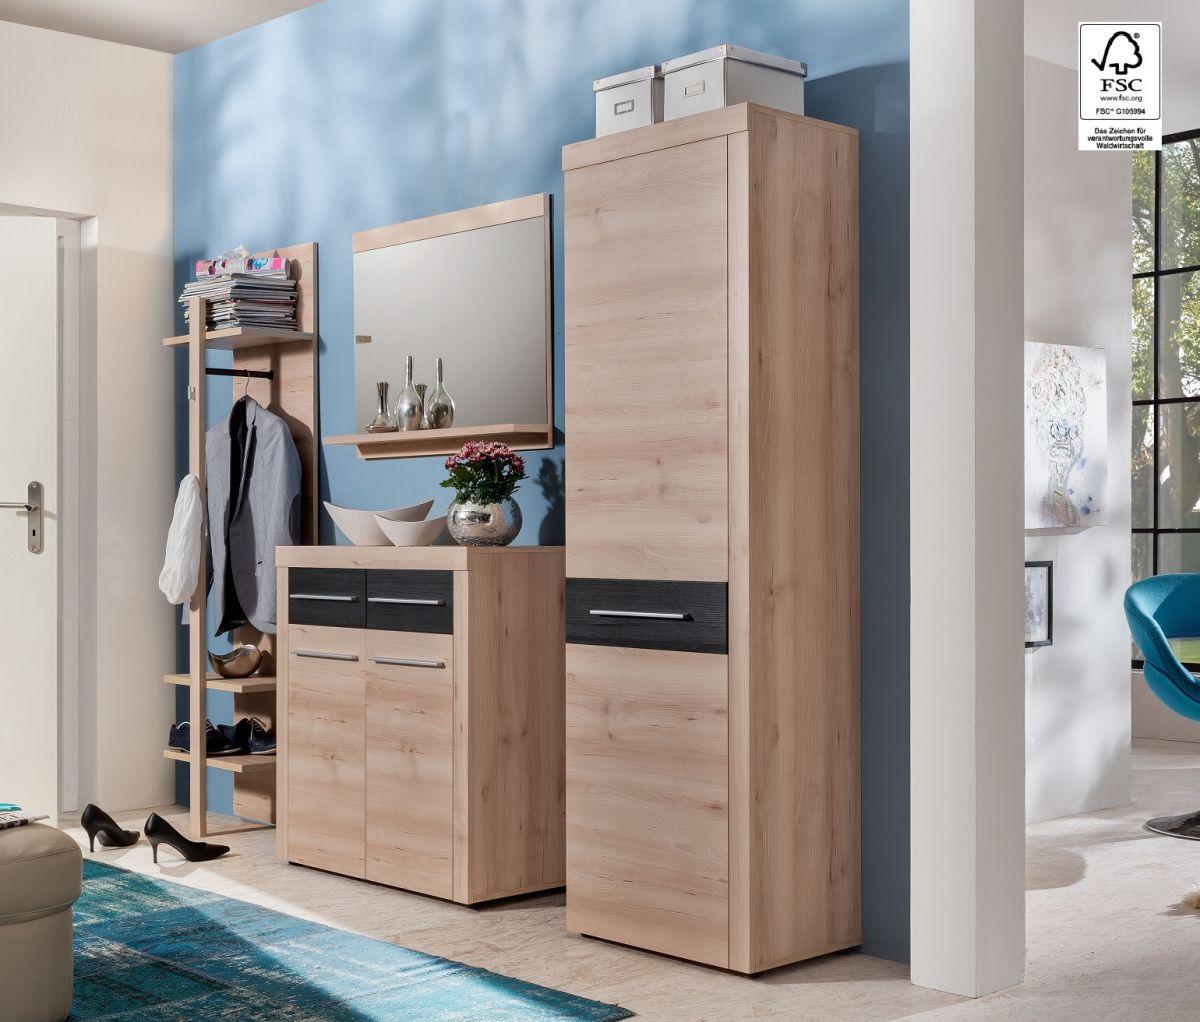 Garderobe set buche preisvergleiche erfahrungsberichte - Mobile guardaroba ingresso ...